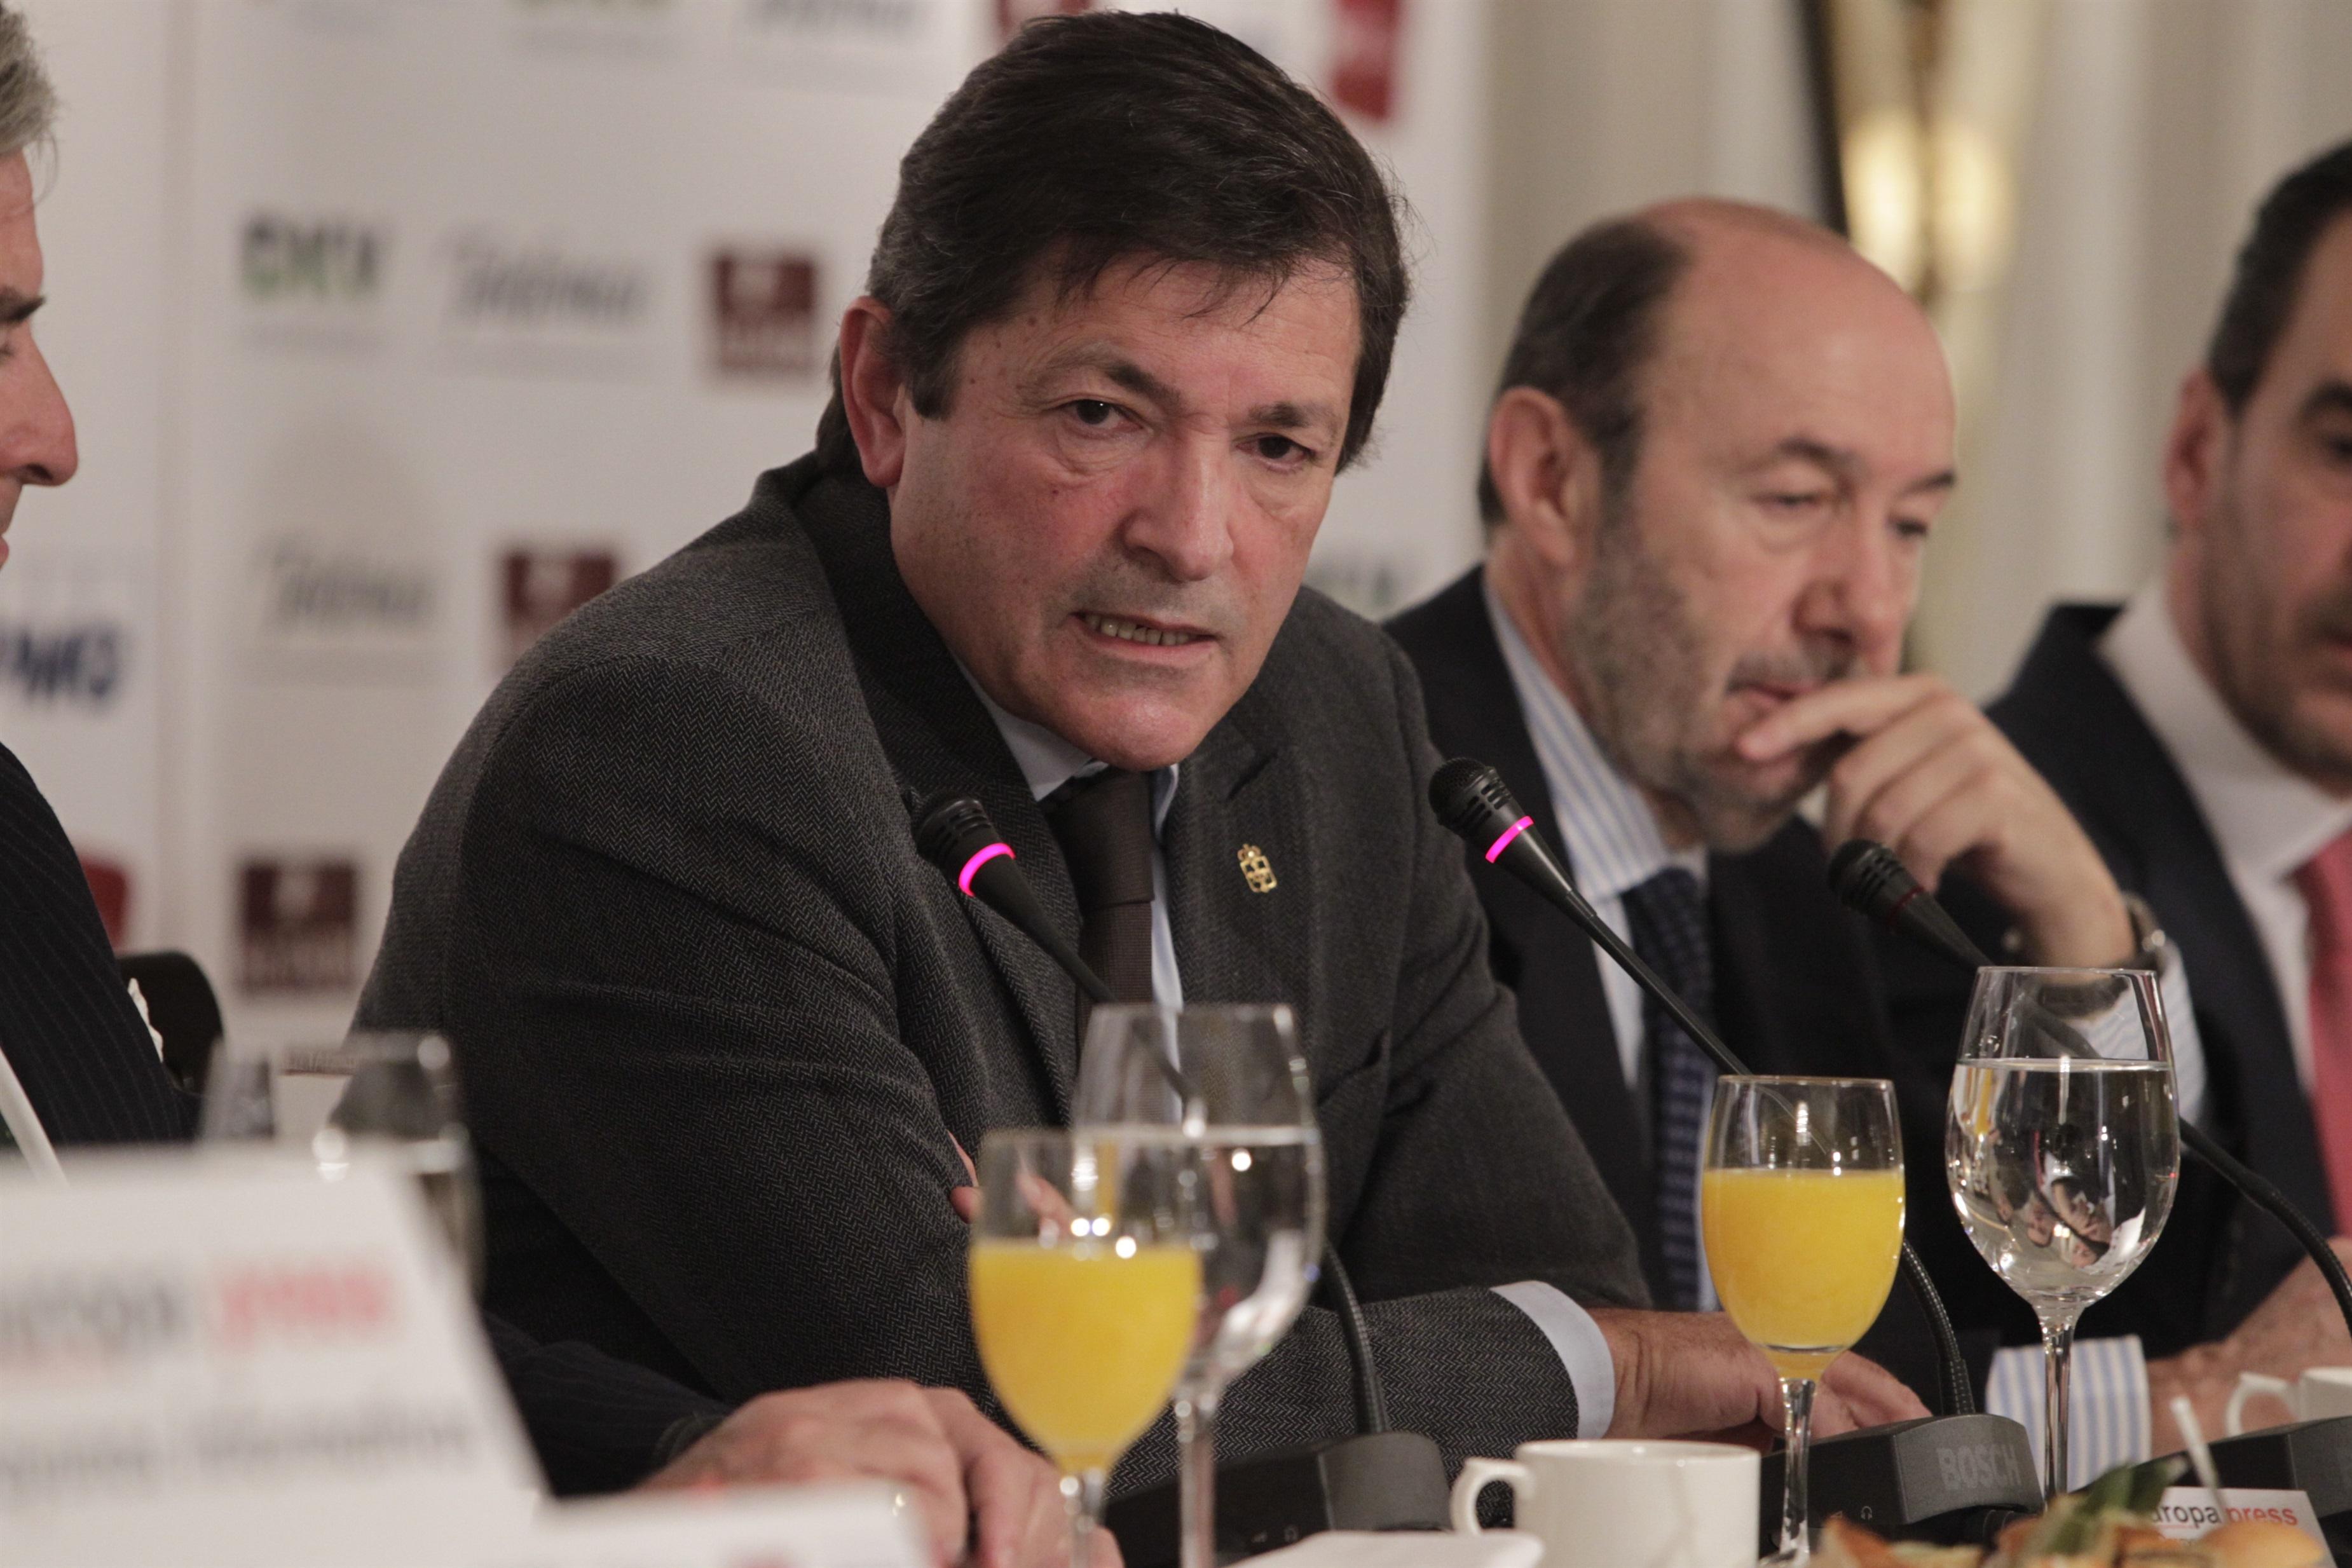 El presidente asturiano culpa a la oposición de falta de acuerdo y lo achaca a «intereses electorales»